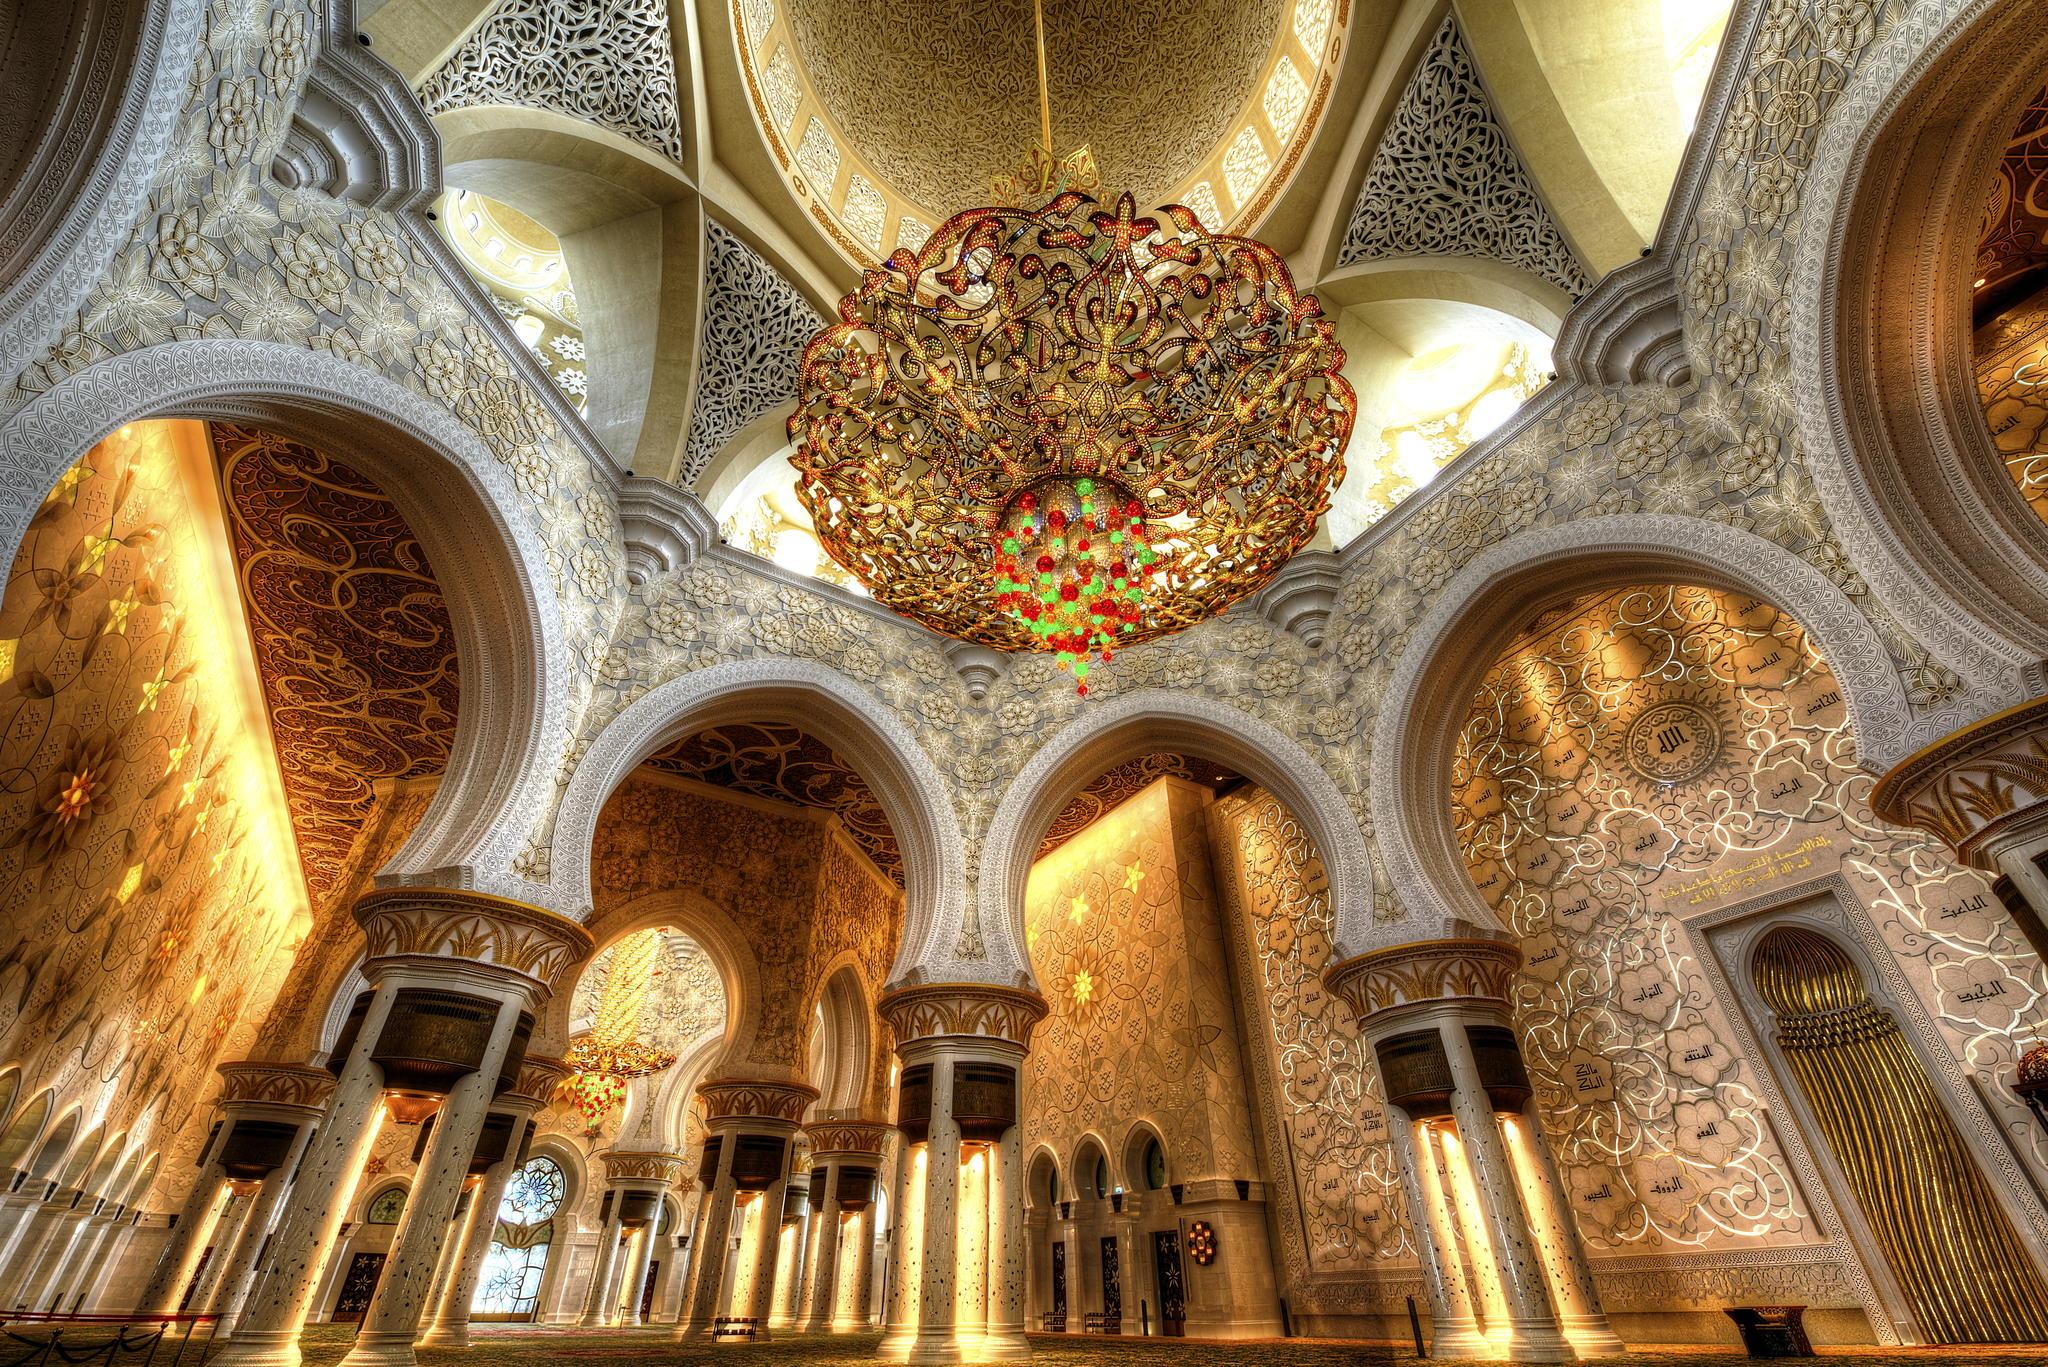 Fotografiar la Gran Mezquita de Abu Dhabi por Javier Mendoza en 500px